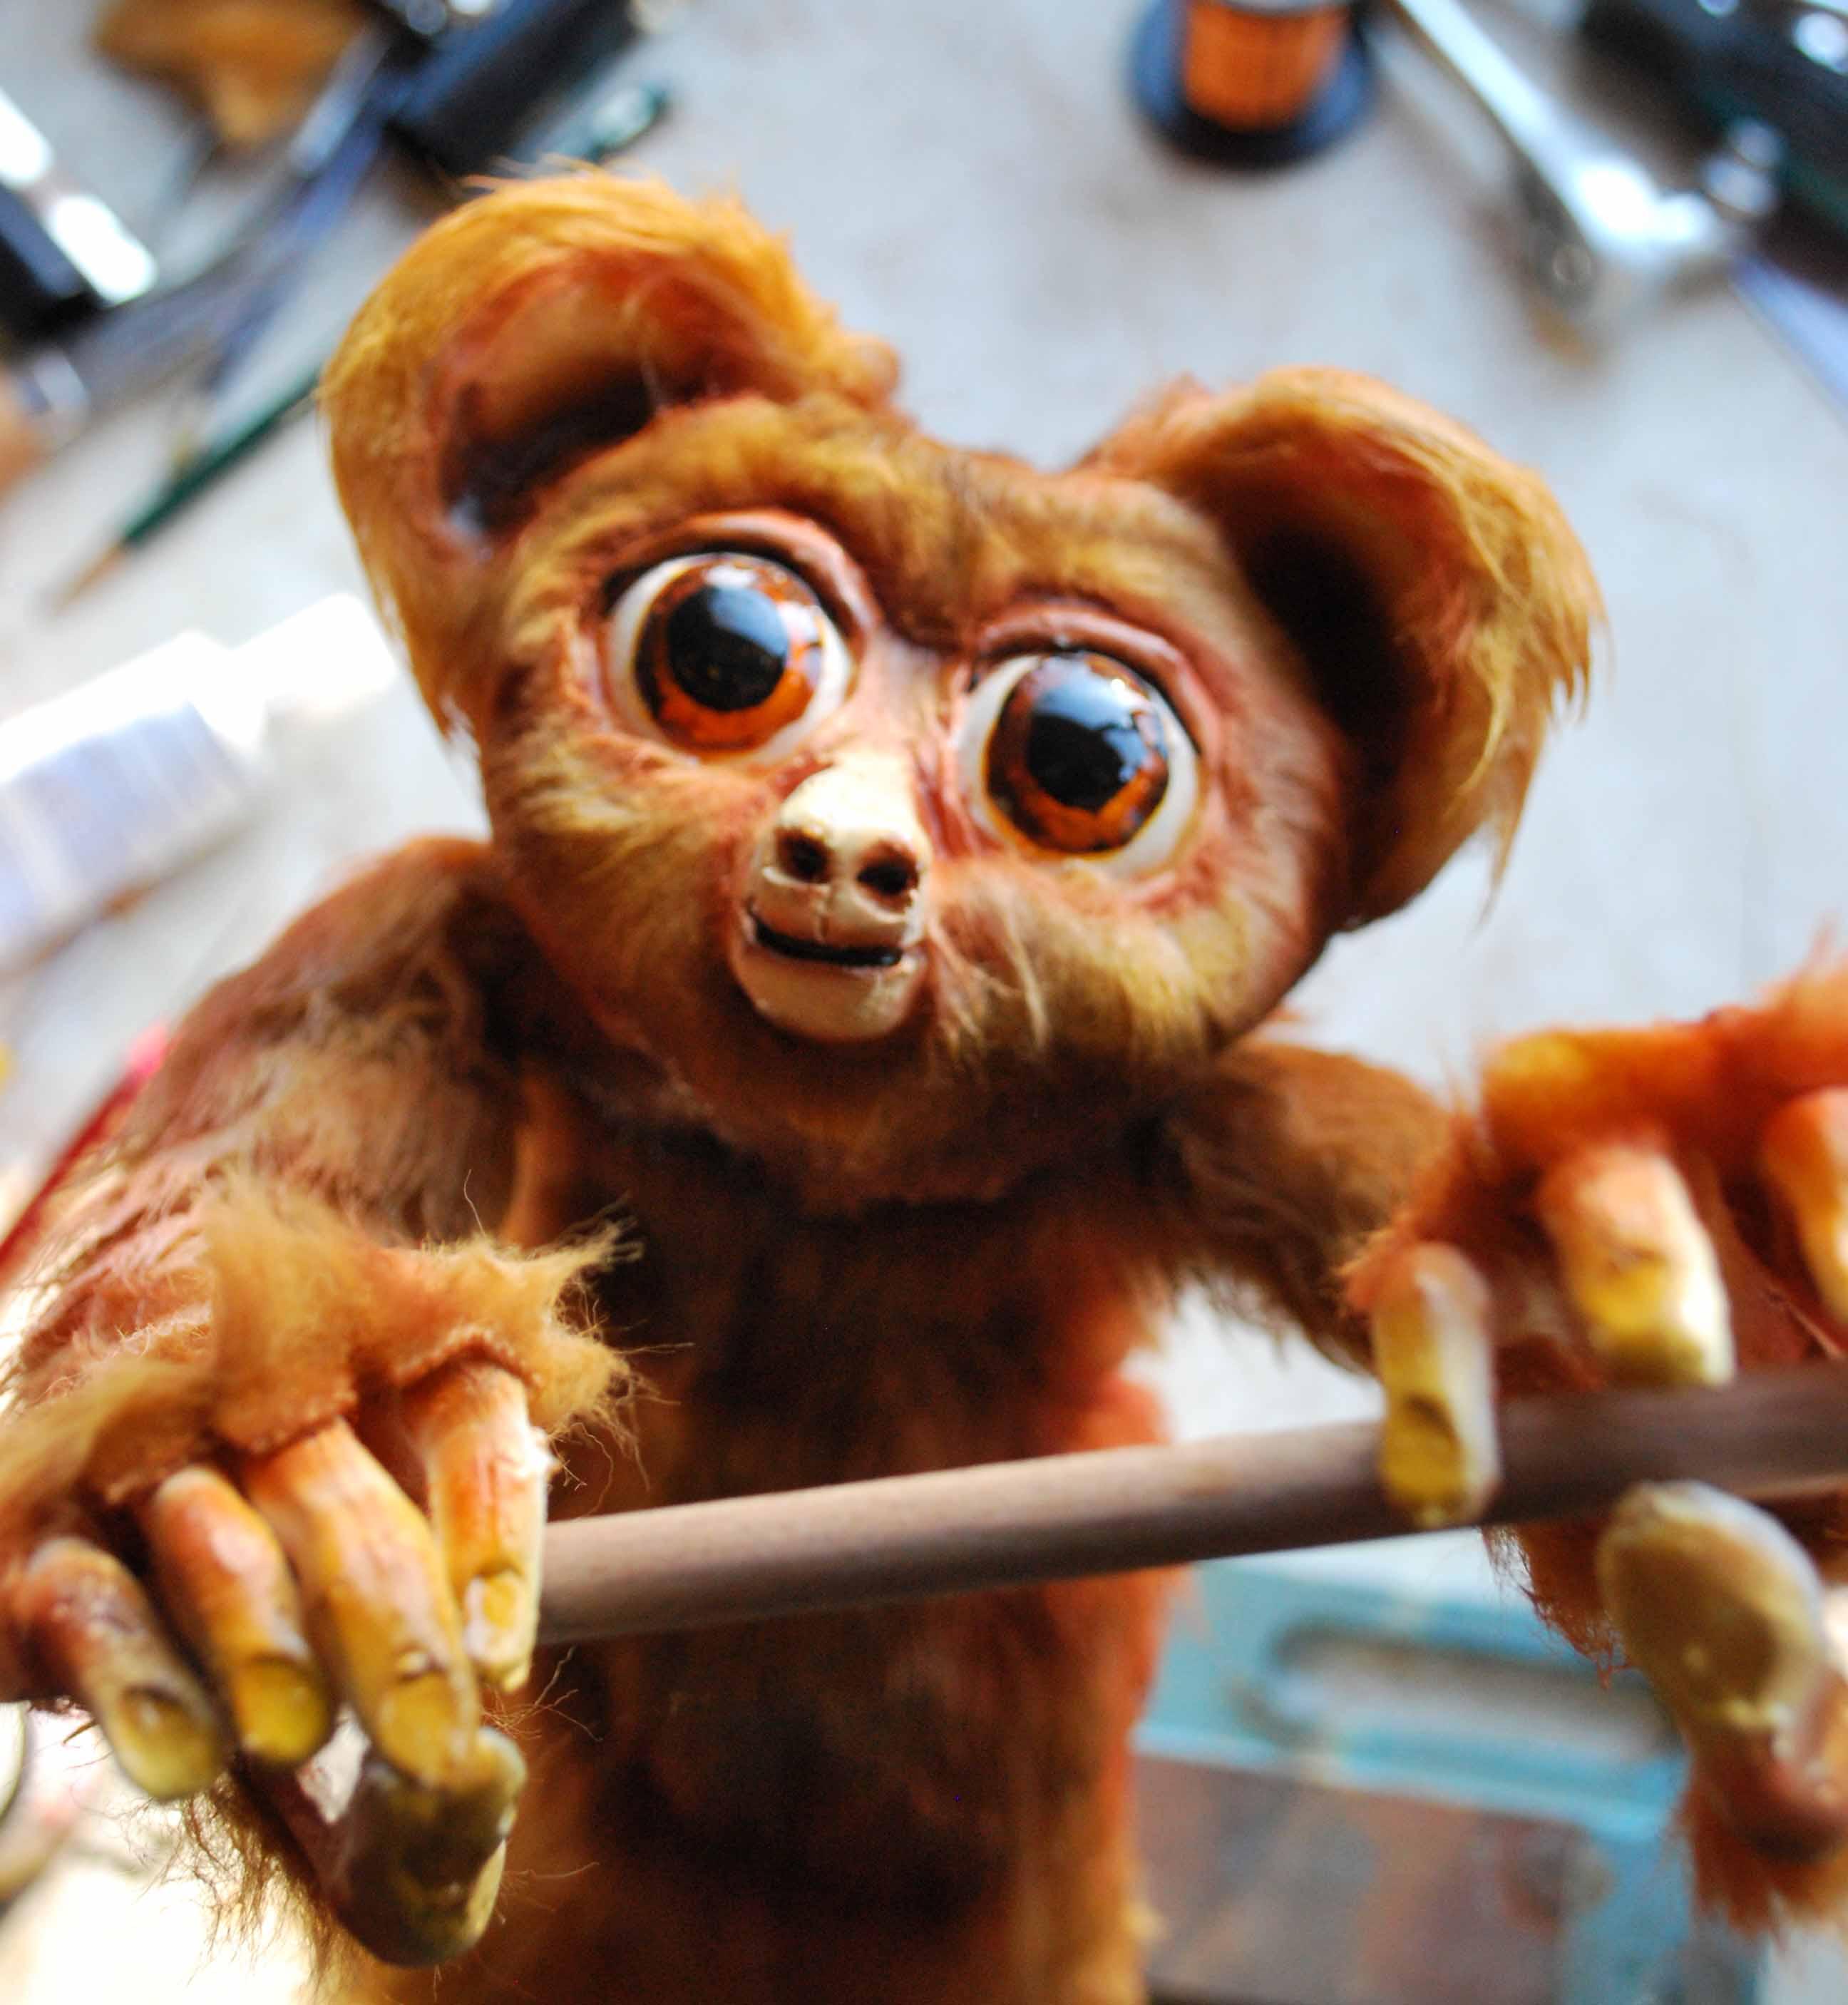 Le galago, dans <em>The Musical Menagerie</em> par Your Man's Puppets (Galway, Irlande), mise en scène, conception, construction et manipulation de marionnettes et interprète : Thomas Baker, compositeur, musicien et interprète : Boris Hunka